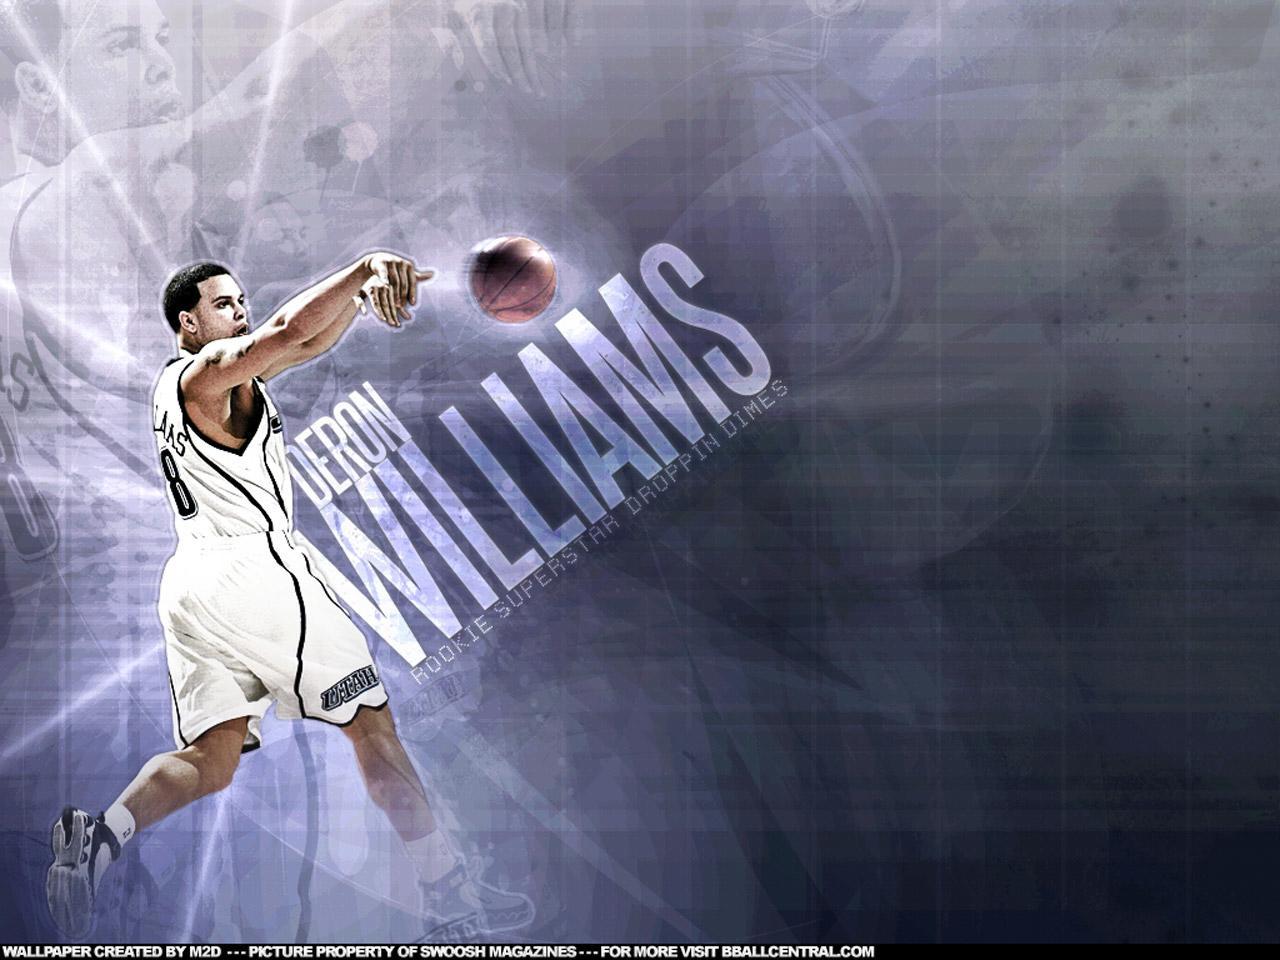 Williams3